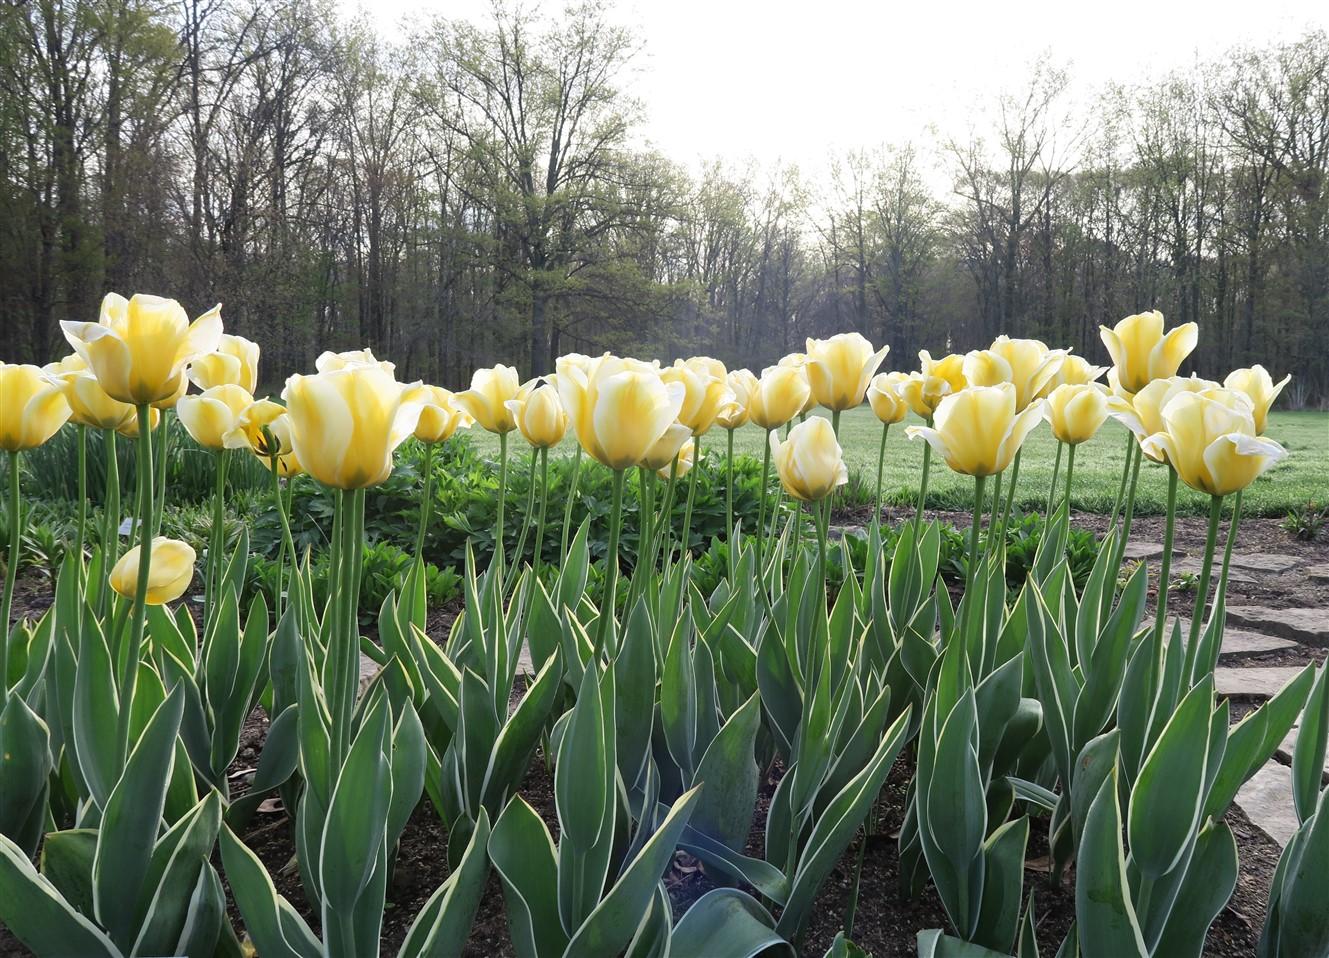 2015 05 02 4 Inniswood Gardens.jpg